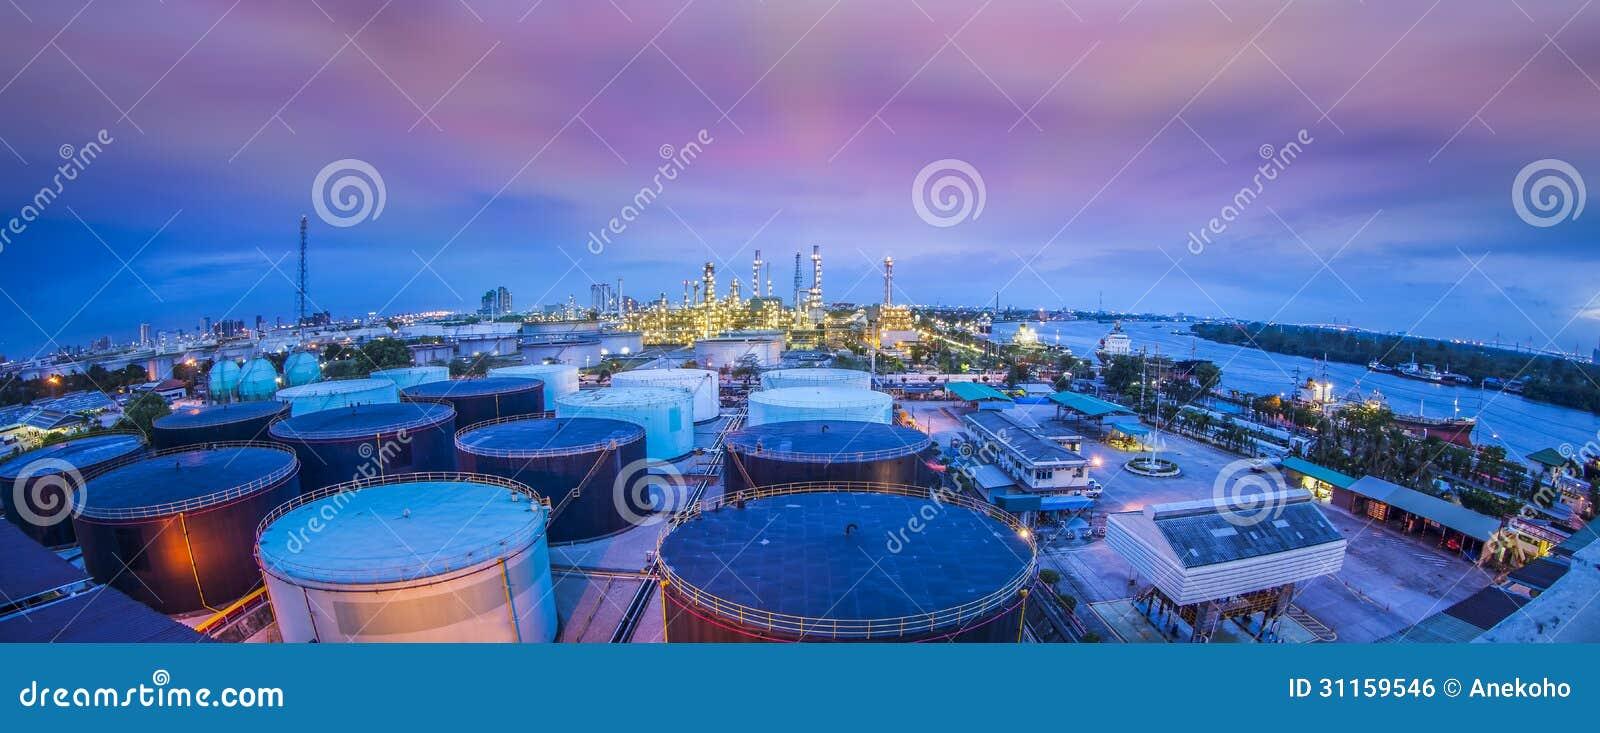 Indústria da refinaria de petróleo com o tanque de armazenamento do óleo